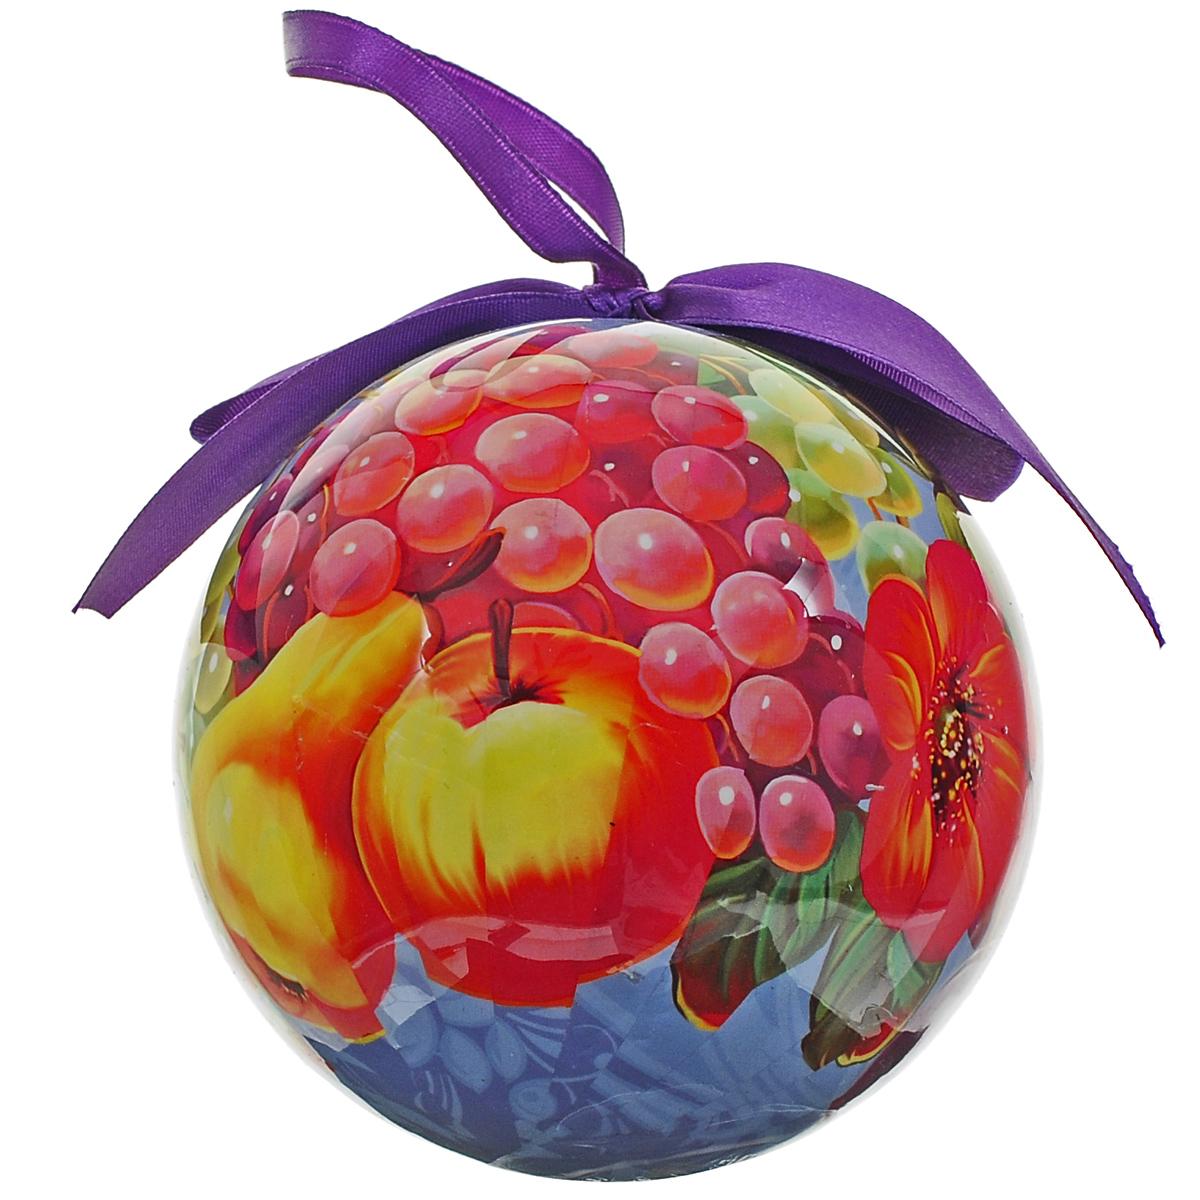 Новогоднее подвесное украшение Шар. Народные промыслы. 020345020345Новогоднее подвесное украшение Шар. Народные промыслы выполнено из высококачественного пластика и декорировано текстильным бантом и изображением цветов и фруктов. С помощью специальной петельки украшение можно повесить в любом понравившемся вам месте. Но, конечно, удачнее всего такой шар будет смотреться на праздничной елке. Елочная игрушка - символ Нового года. Она несет в себе волшебство и красоту праздника. Создайте в своем доме атмосферу веселья и радости, украшая новогоднюю елку нарядными игрушками, которые будут из года в год накапливать теплоту воспоминаний.